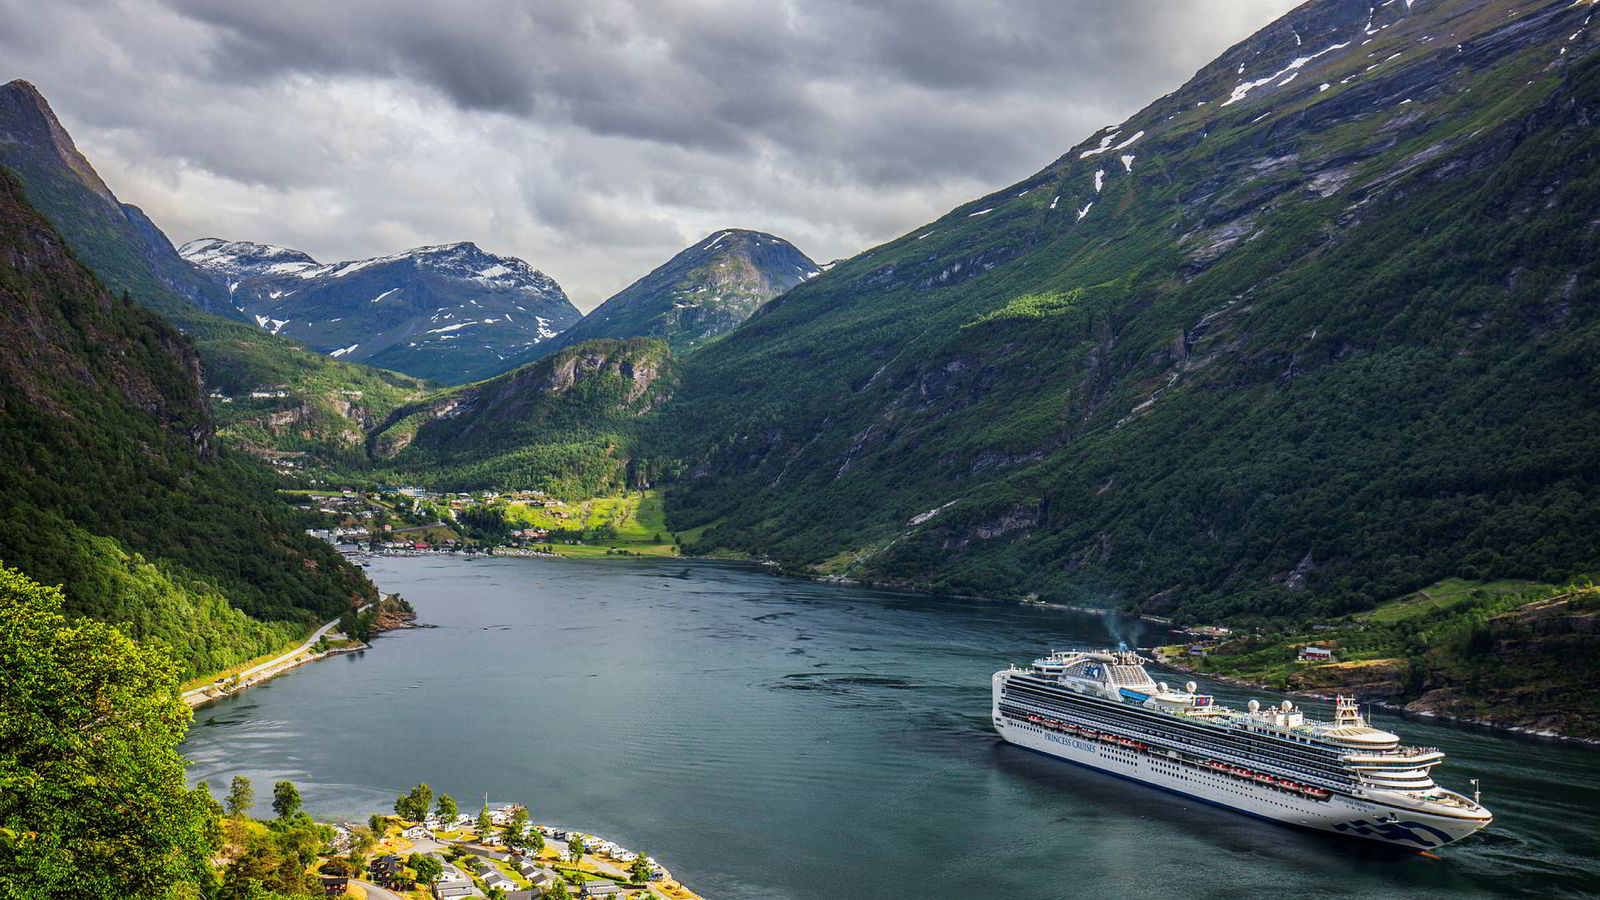 Stranda kommune skal i samarbeid med Møre og Romsdal fylkeskommune utvikle nye utslippsfrie løsninger for å håndtere utfordringene knyttet til utslipp fra turisterferger i Geirangerfjorden. De mottar 250.000 kroner fra regjeringen.